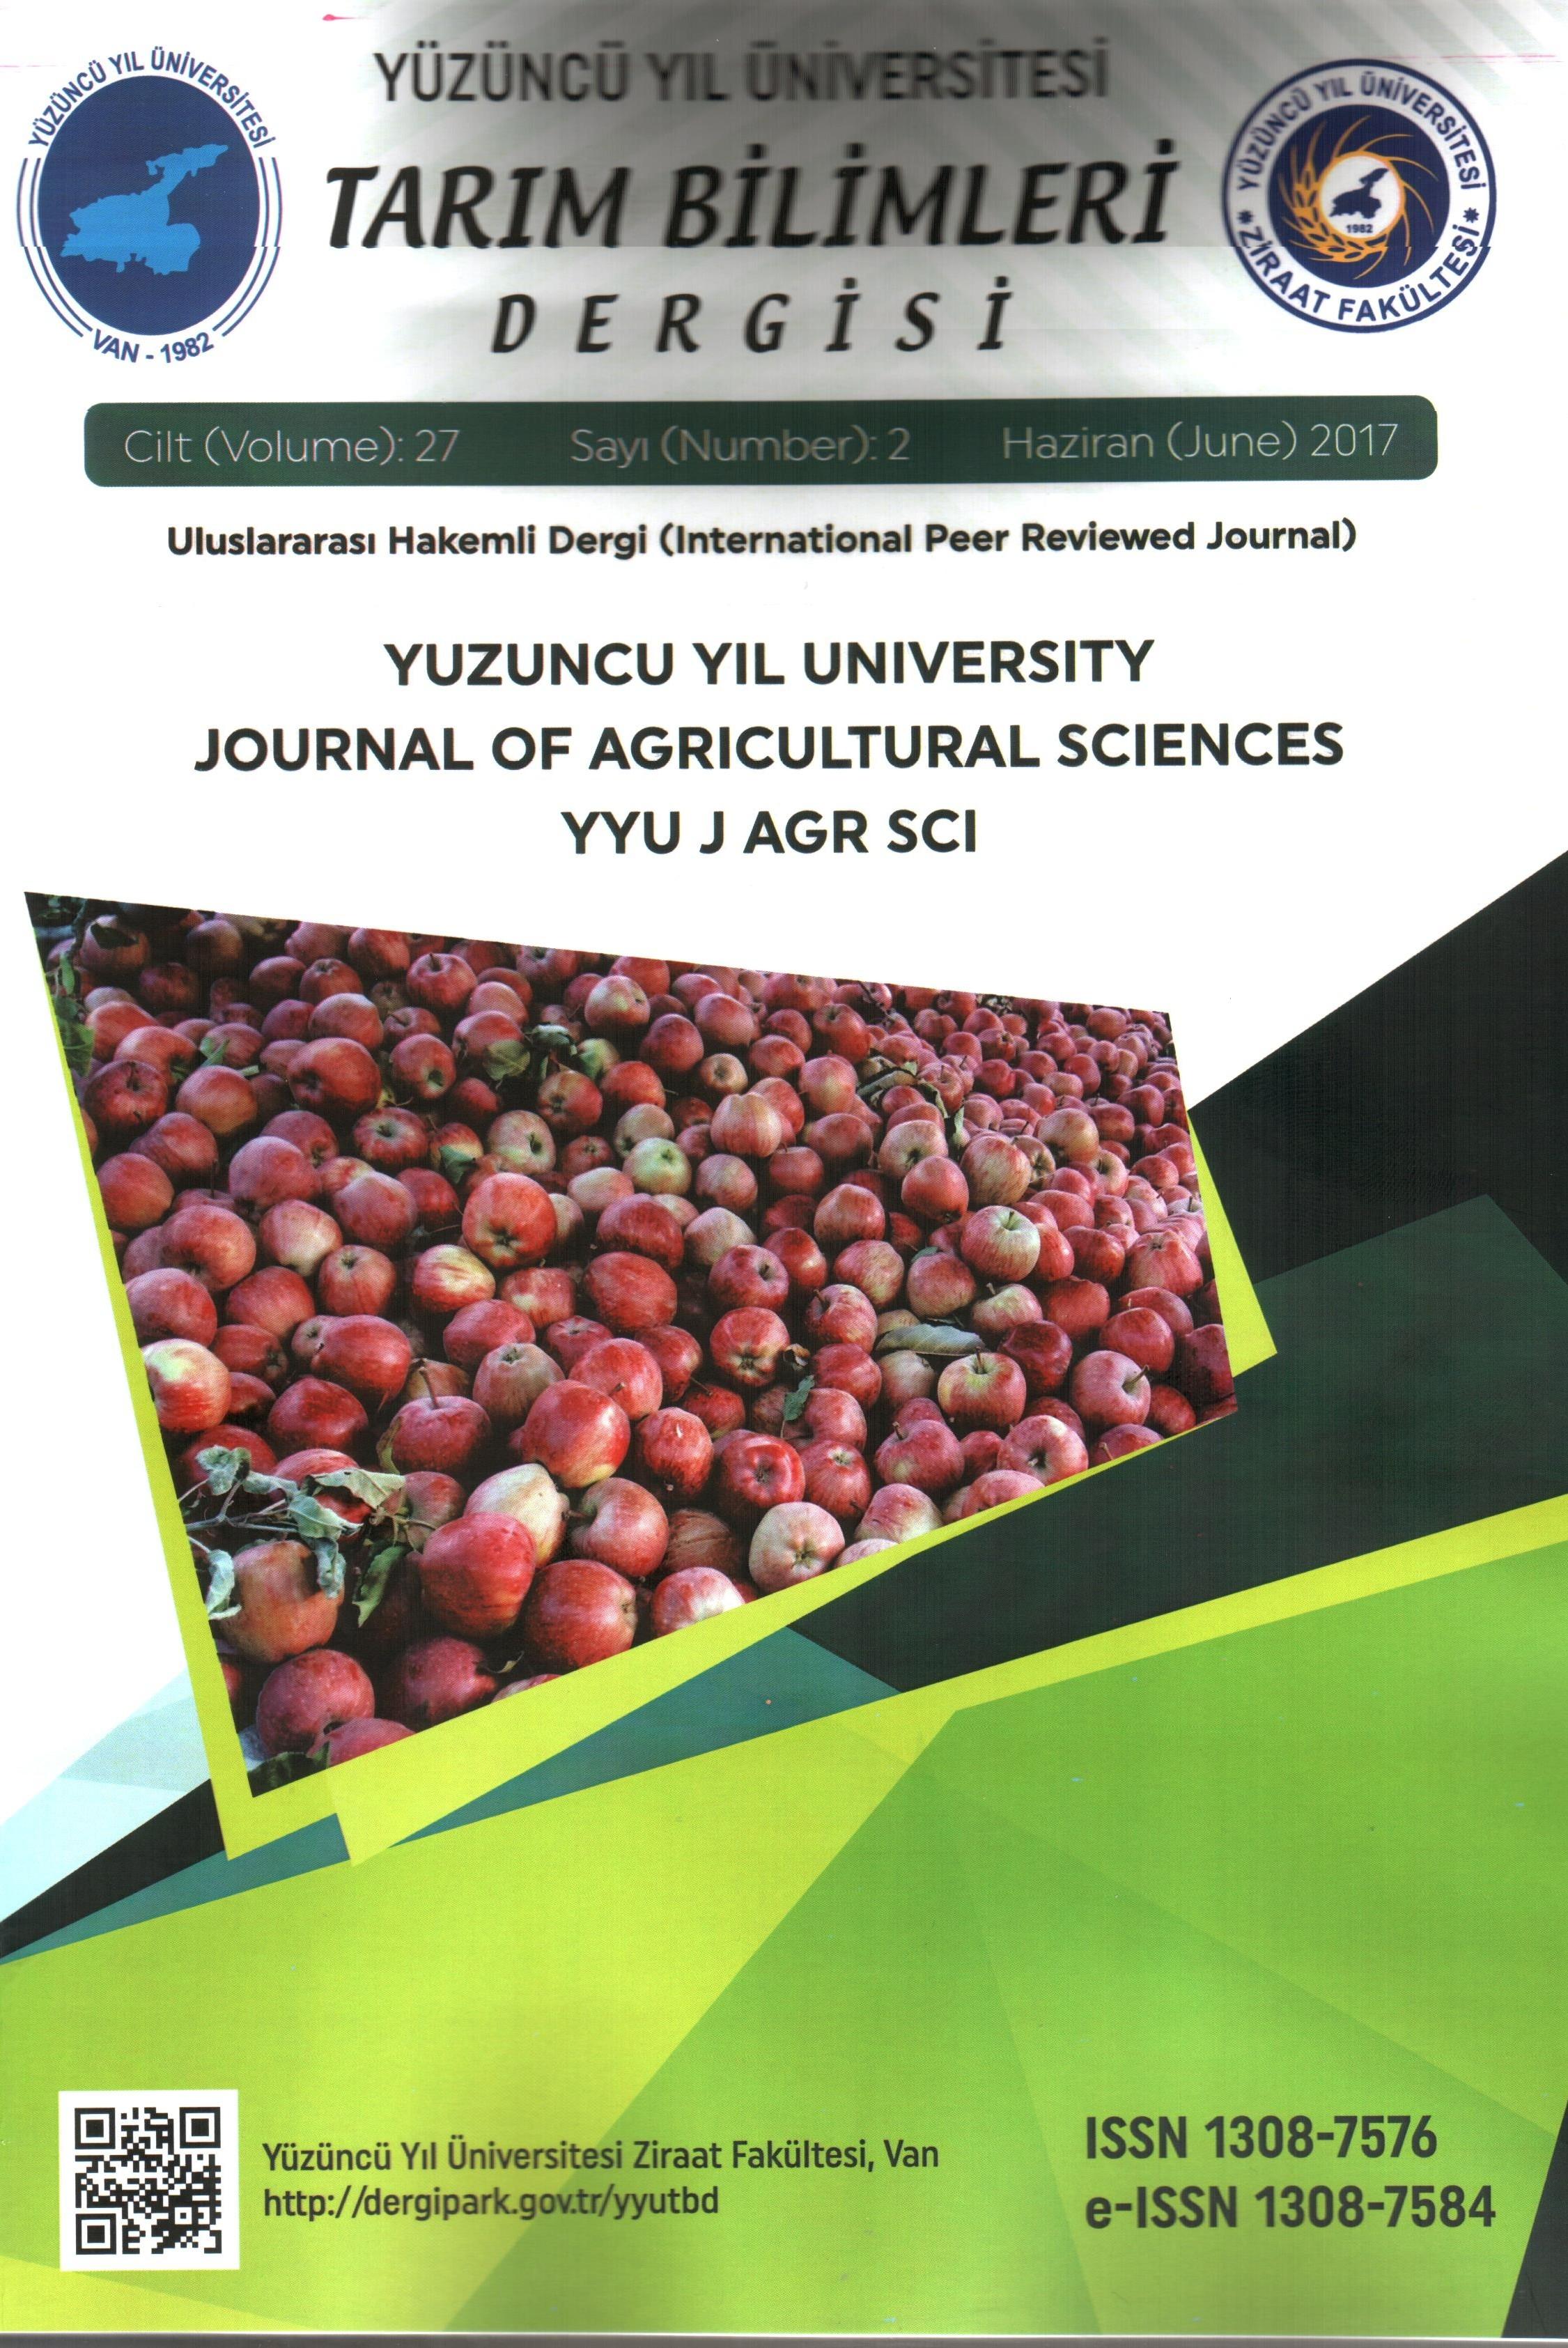 Yüzüncü Yıl Üniversitesi Tarım Bilimleri Dergisi